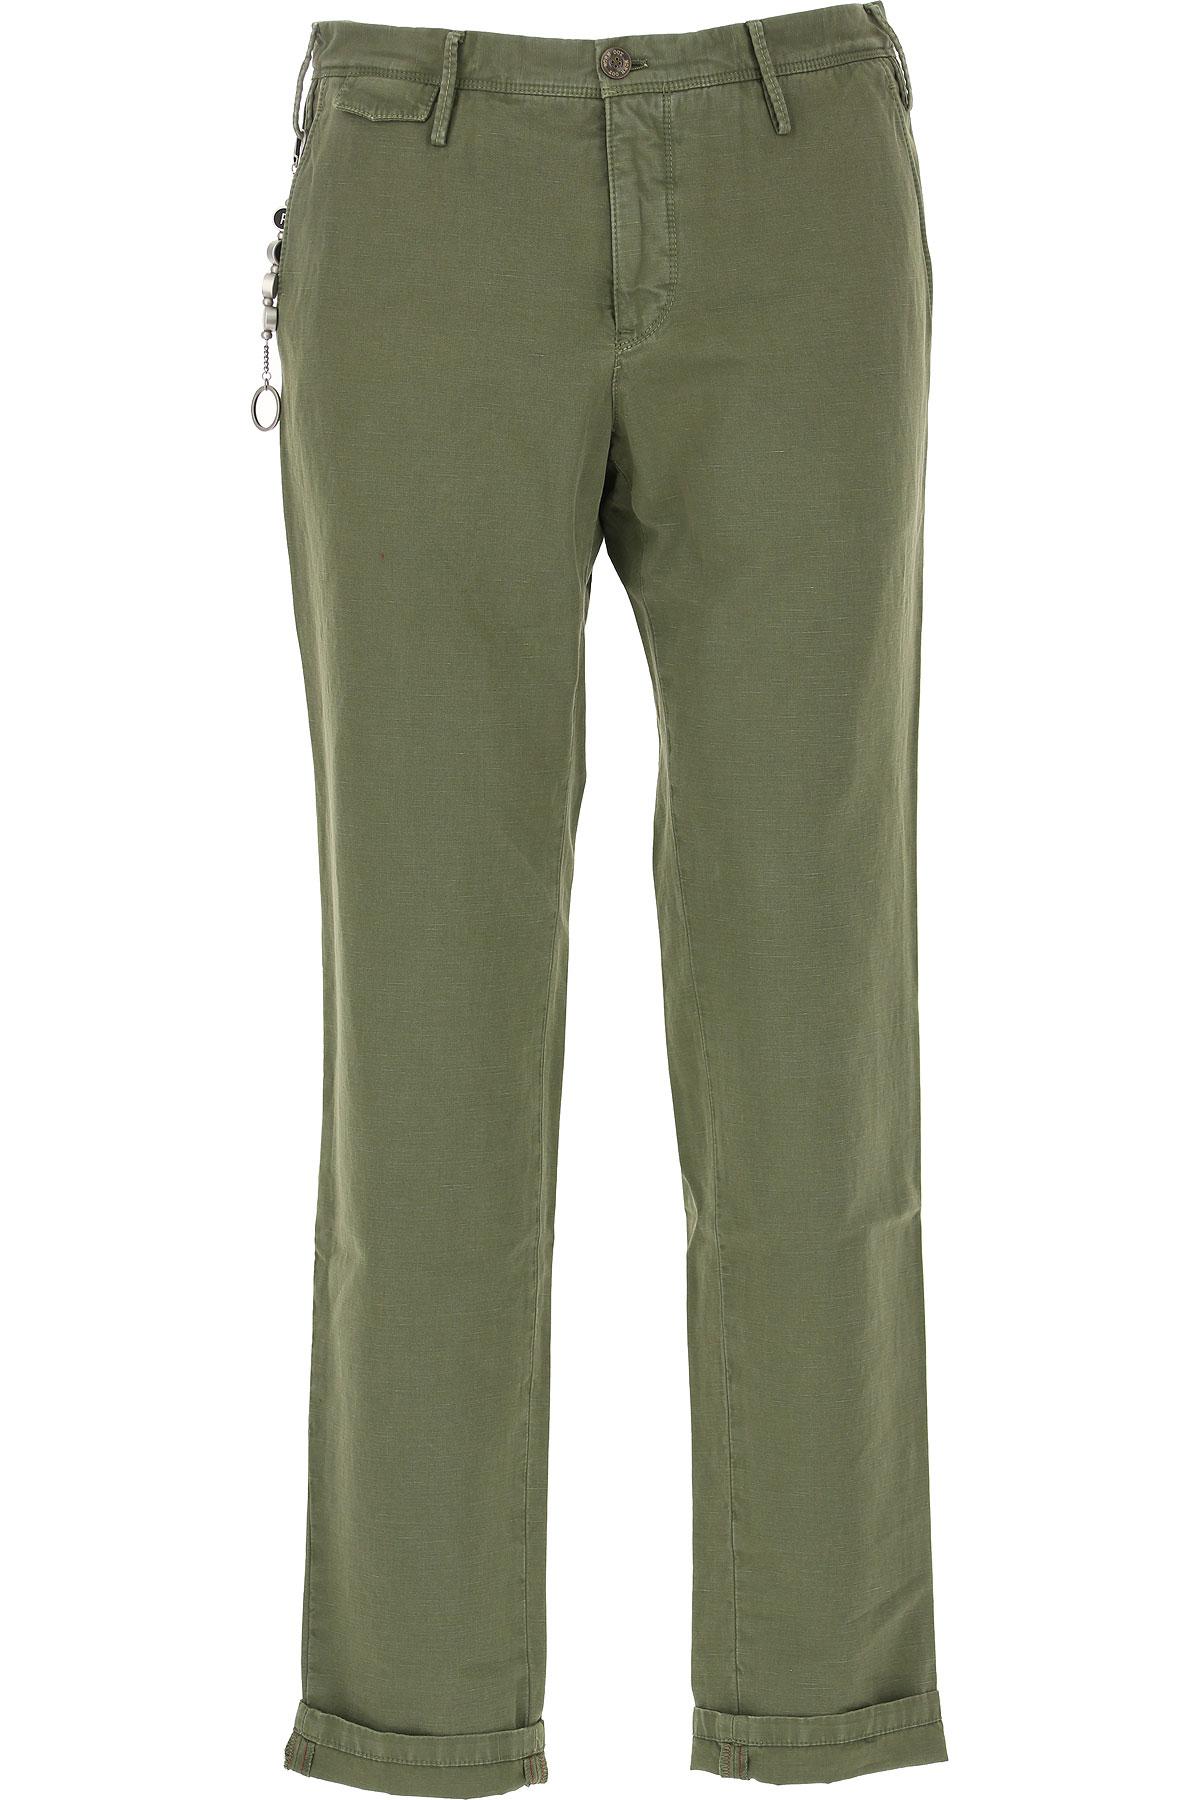 PT01 Pantalon Homme Pas cher en Soldes, Vert militaire, Coton, 2019, 47 48 49 50